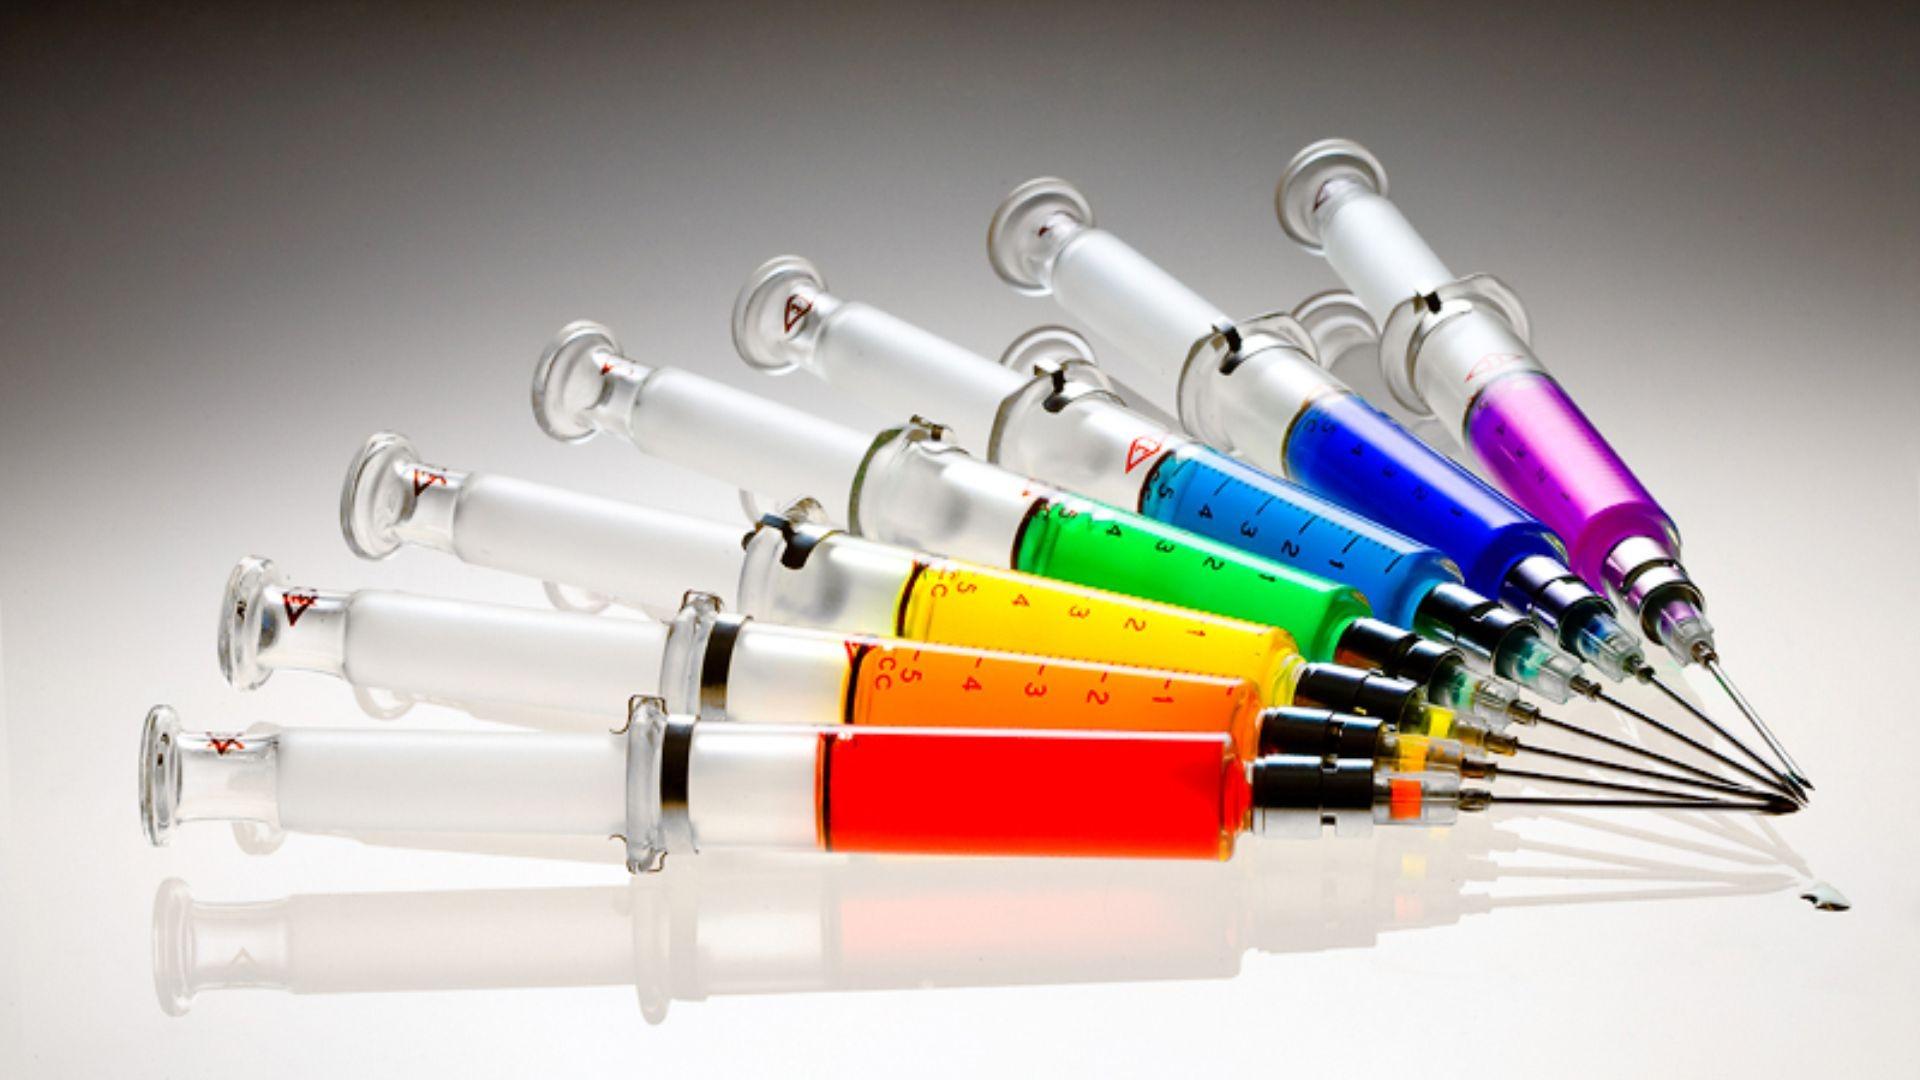 Needles spectrum syringe PPT Backgrounds